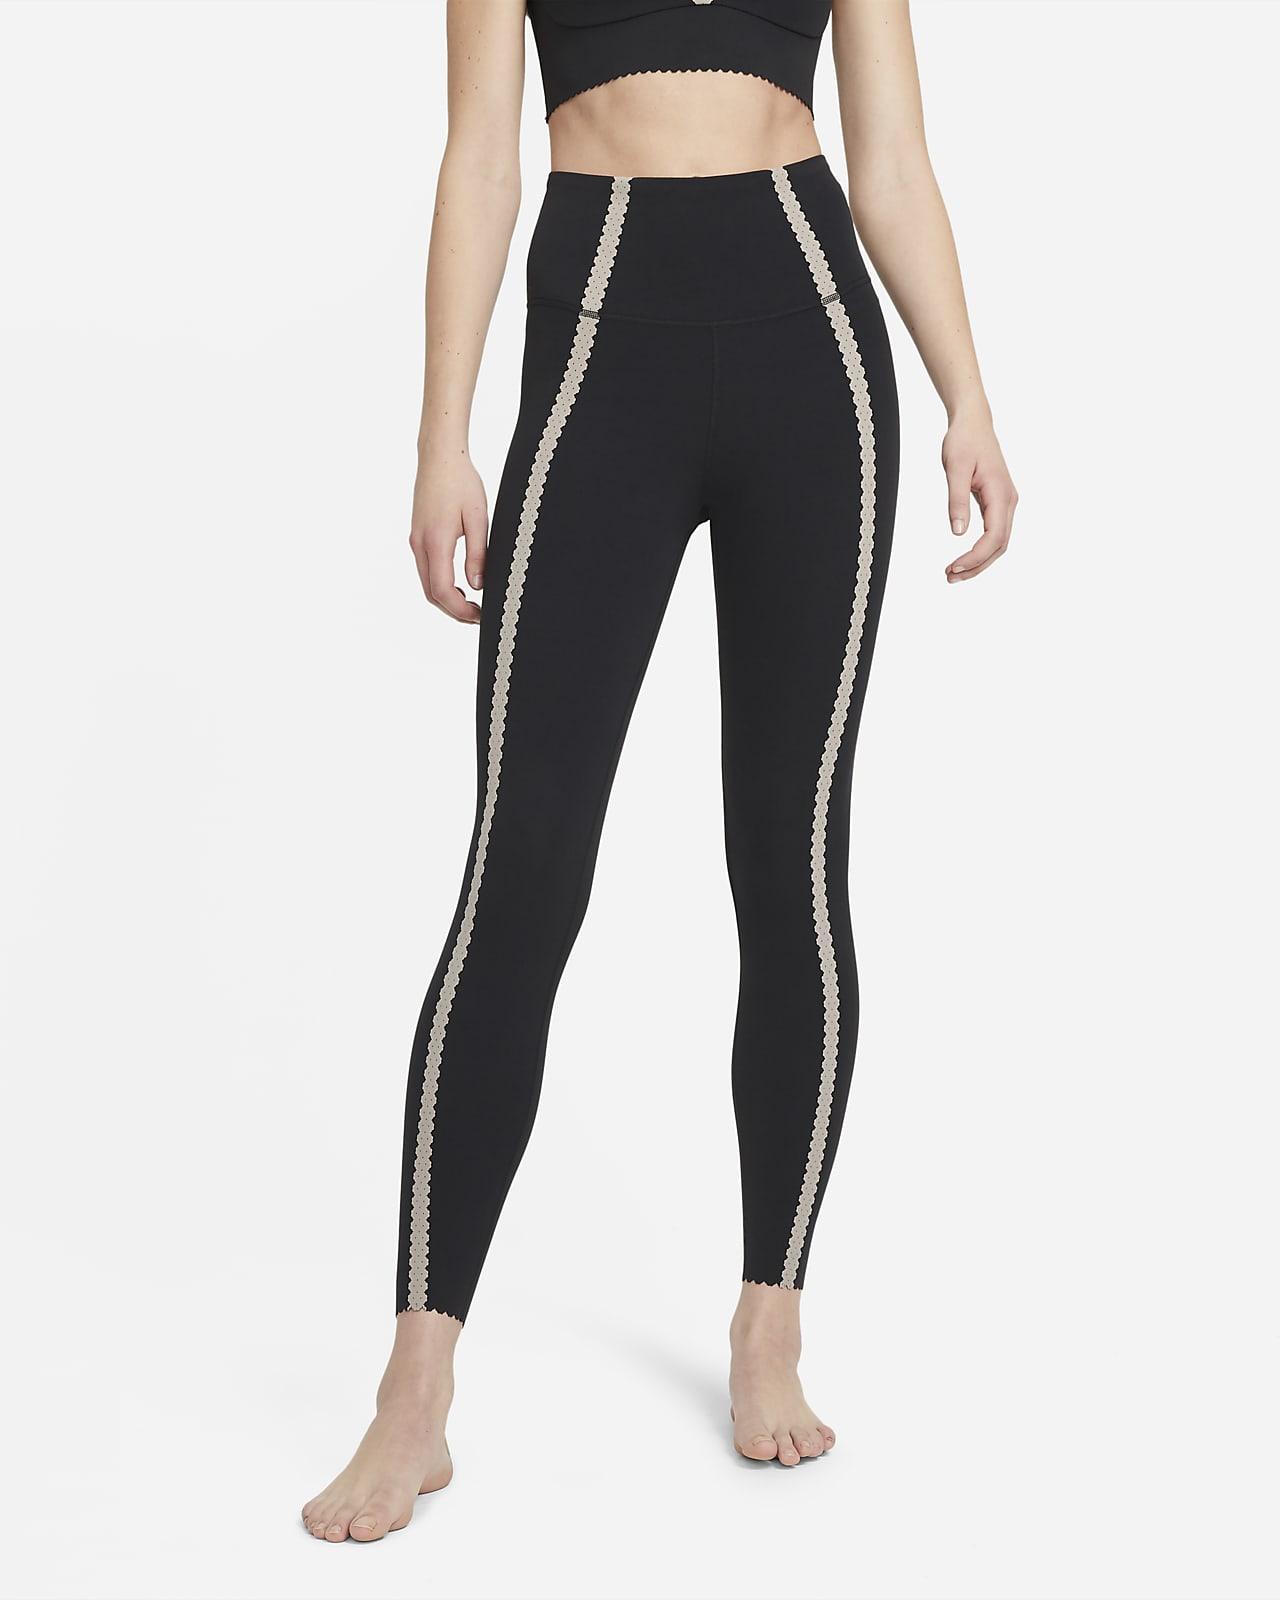 Legging 7/8 taille haute à œillets Nike Yoga Luxe pour Femme